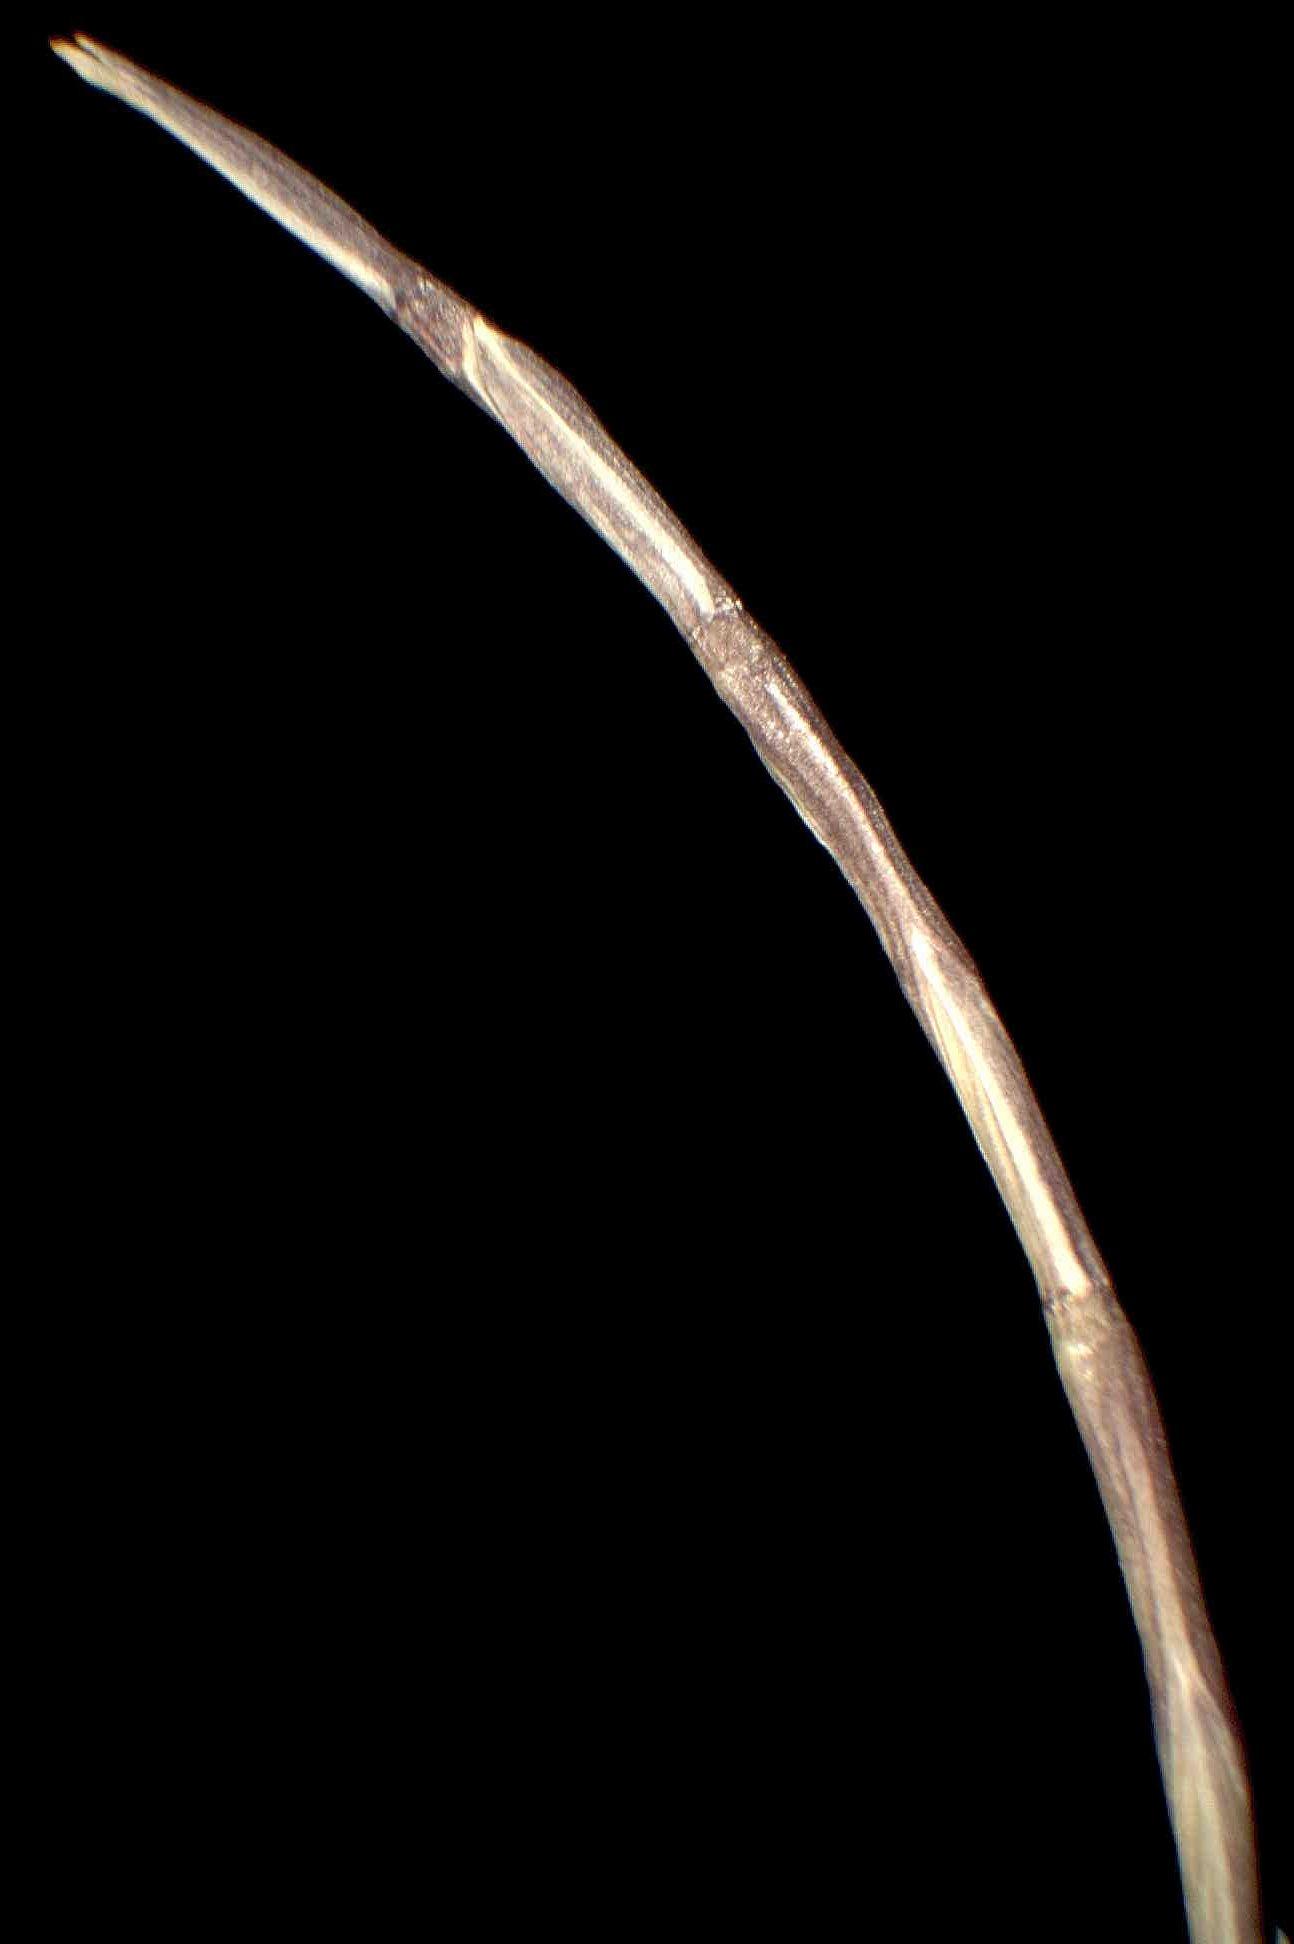 © Dipartimento di Scienze della Vita, Università degli Studi di Trieste<br>by Andrea Moro<br>Comune di Portovenere, Isola di Palmaria, sabbie marine. , SP, Liguria, Italia, 15/1/05 0.00.00<br>Distributed under CC-BY-SA 4.0 license.